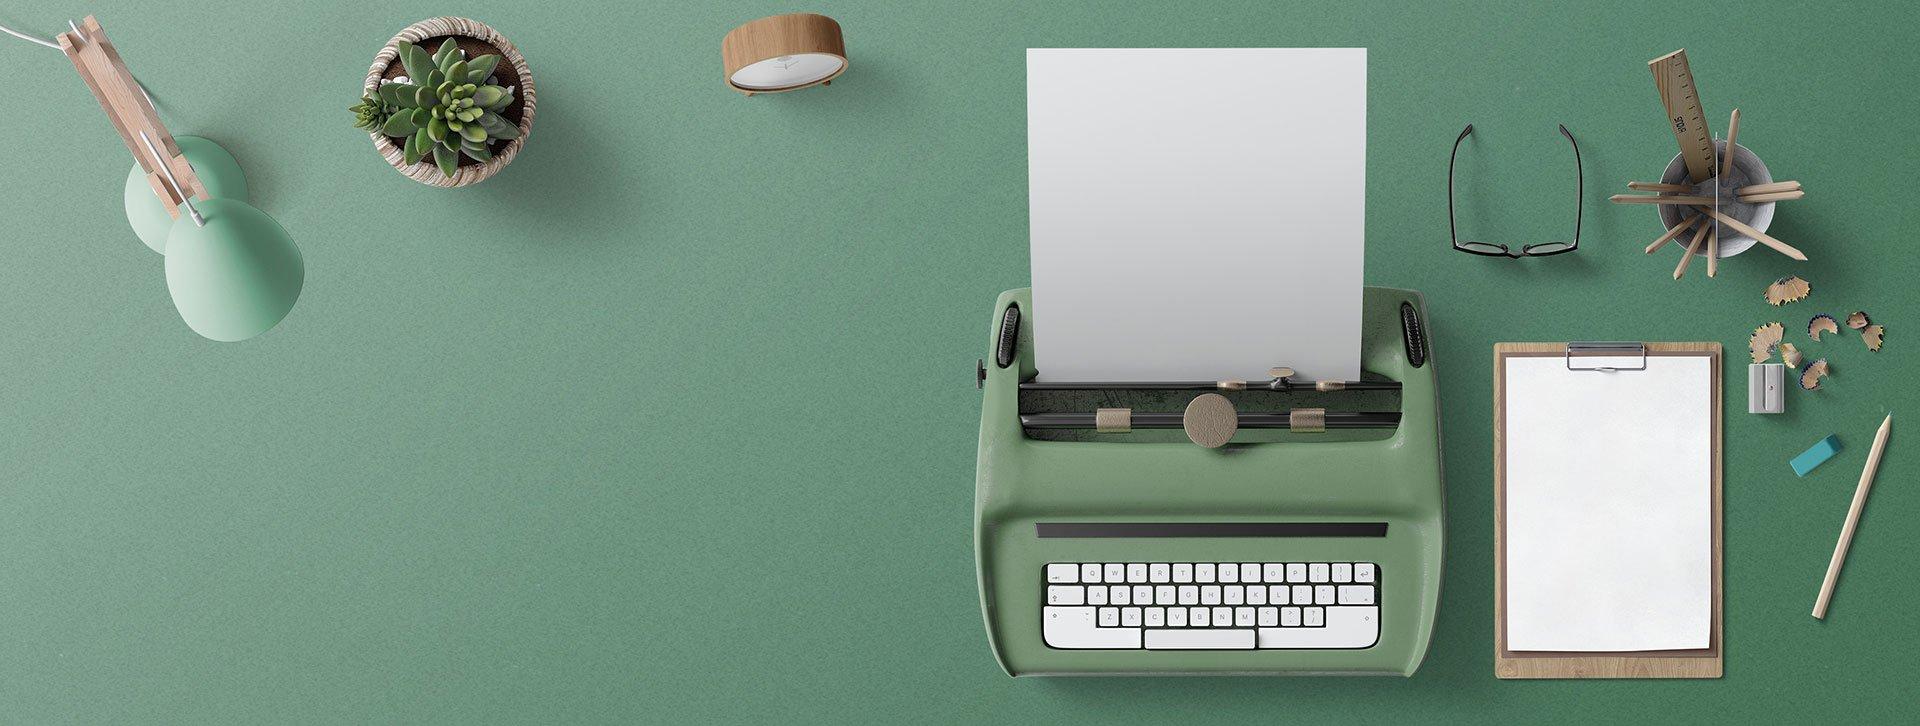 Prowadzenie bloga – wskazówki i porady